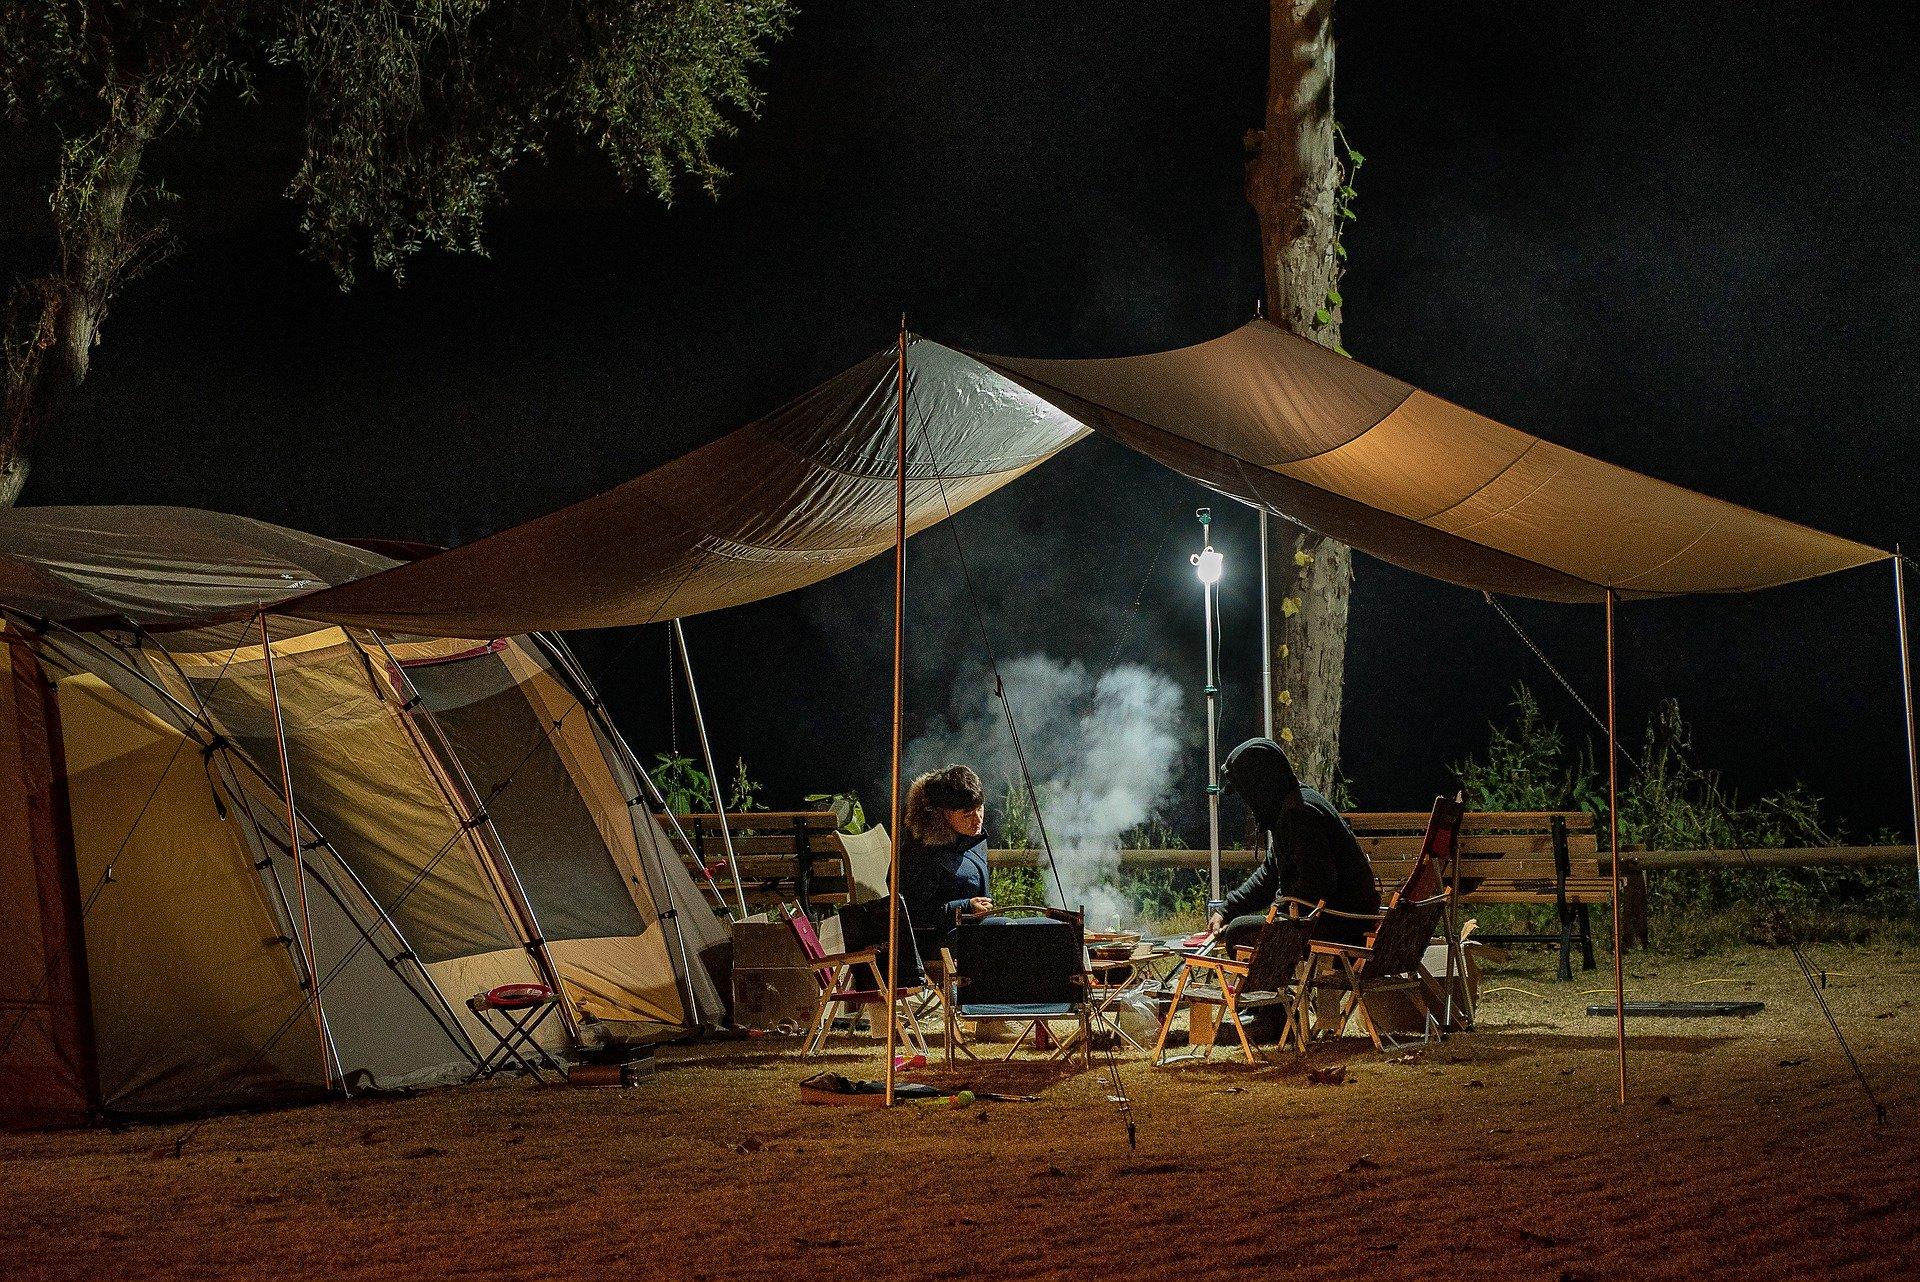 Dormire in tenda: ecco i consigli per il campeggio migliore!